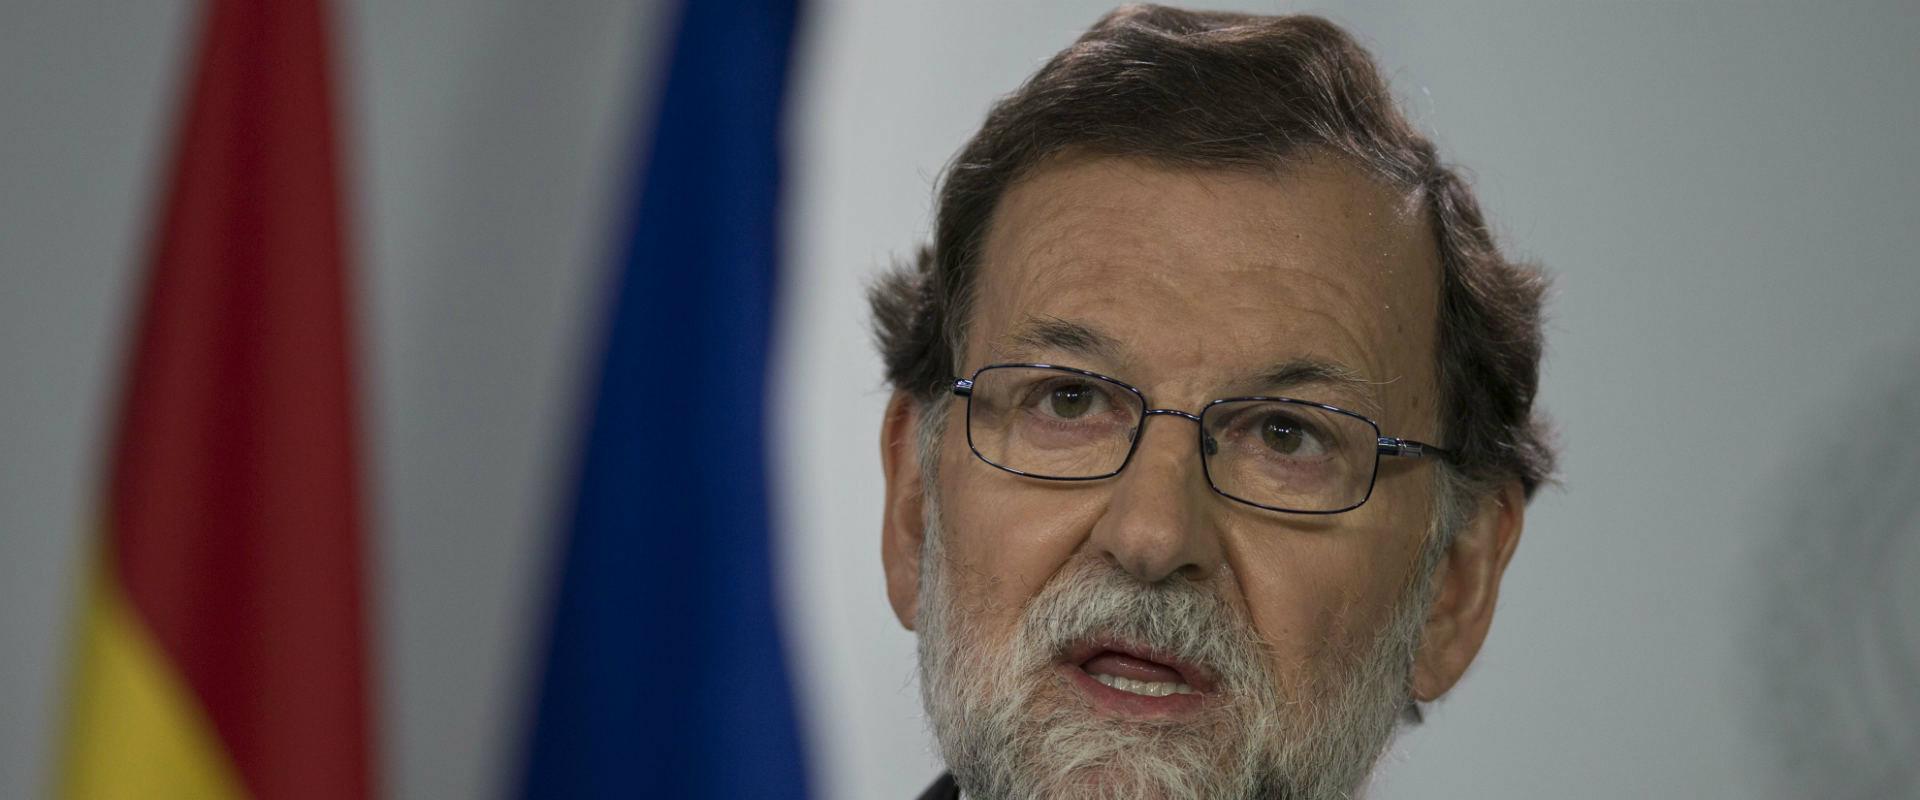 ראש ממשלת ספרד, מריאנו ראחוי